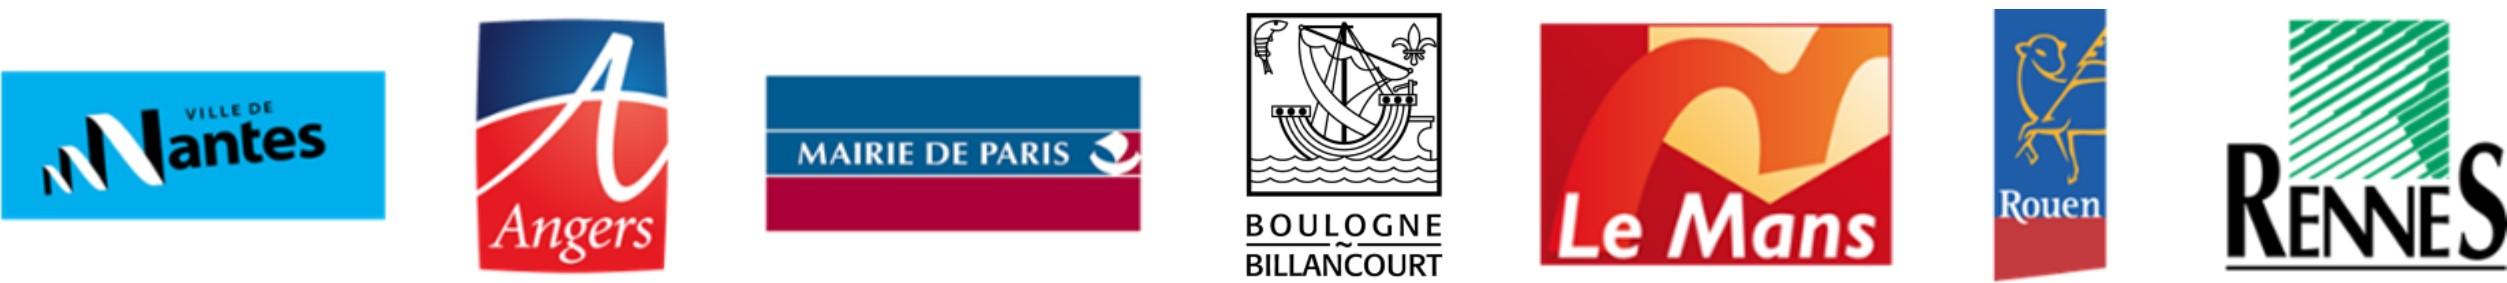 Logos de nos villes partenaires